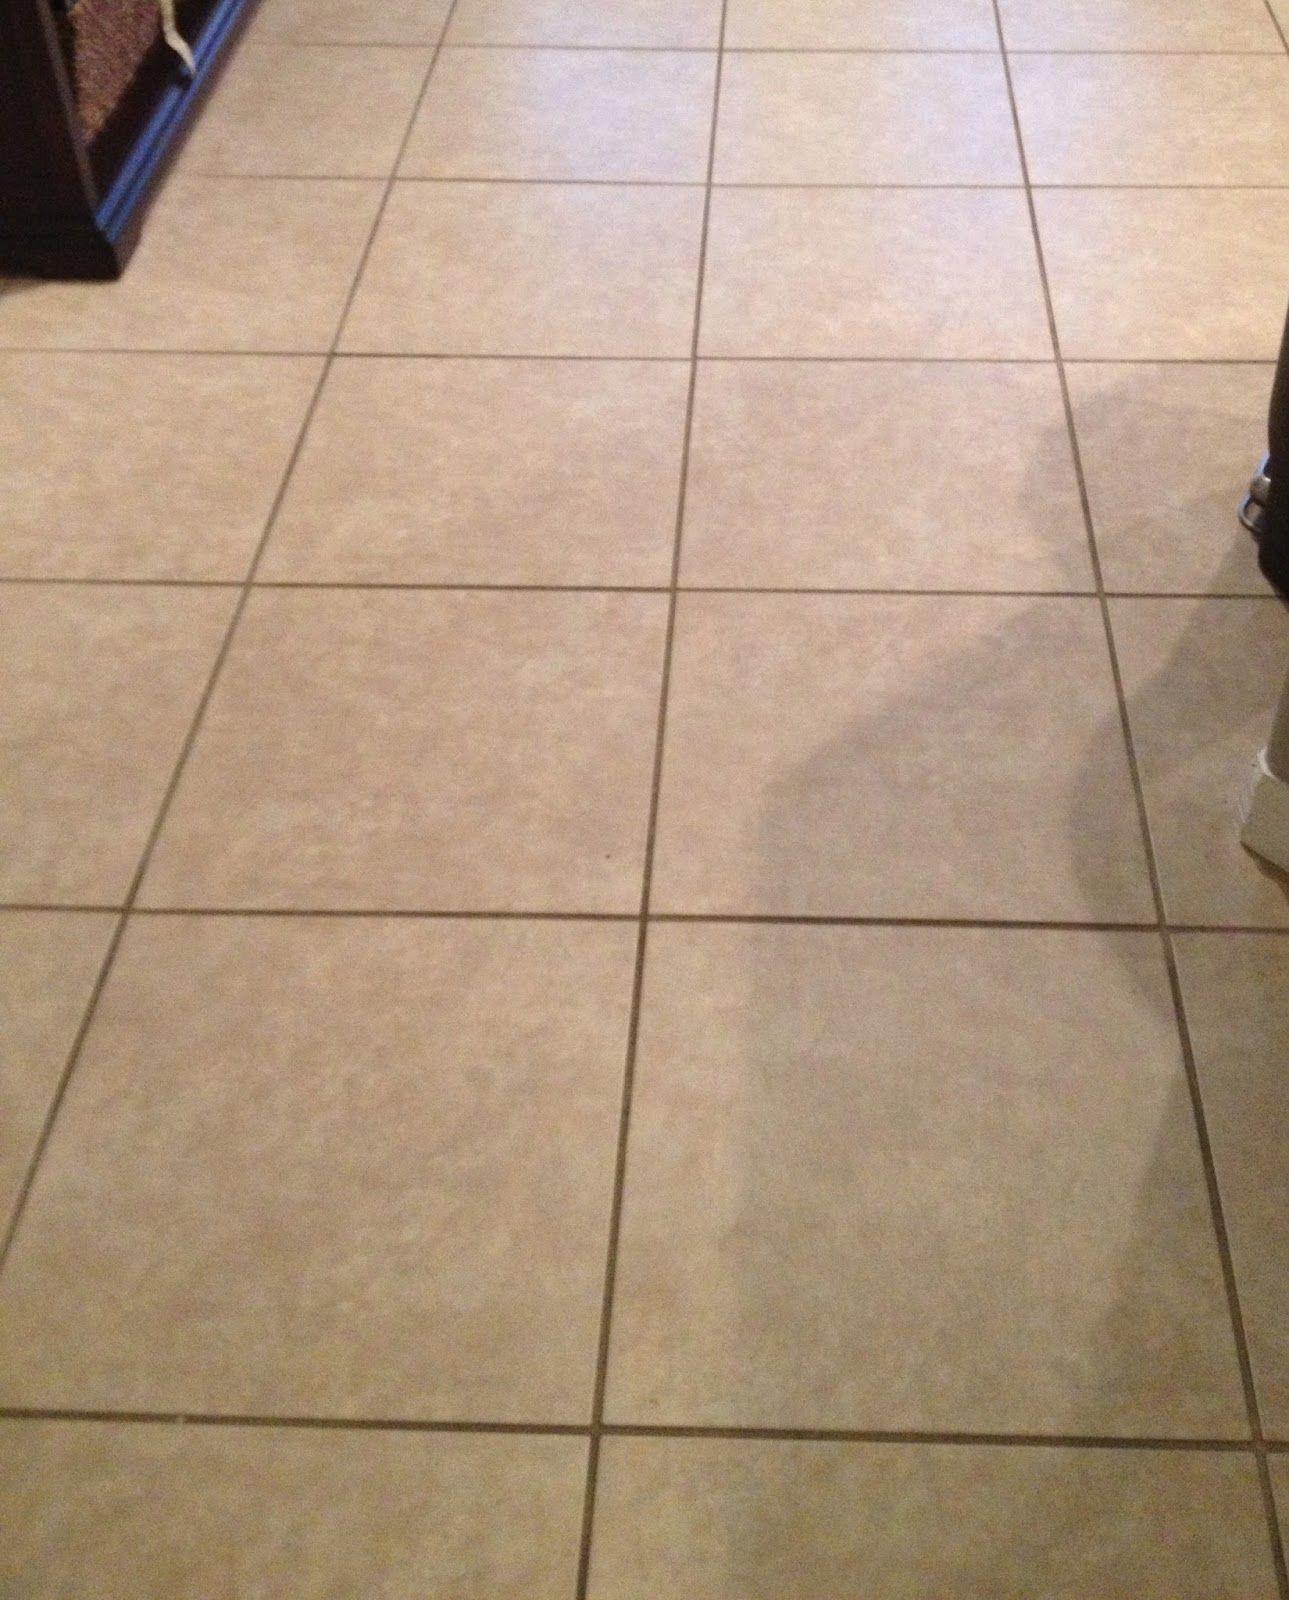 Natural safe tile floor cleaner only 3 ingredients overthrow natural safe tile floor cleaner only 3 ingredients overthrow martha dailygadgetfo Images